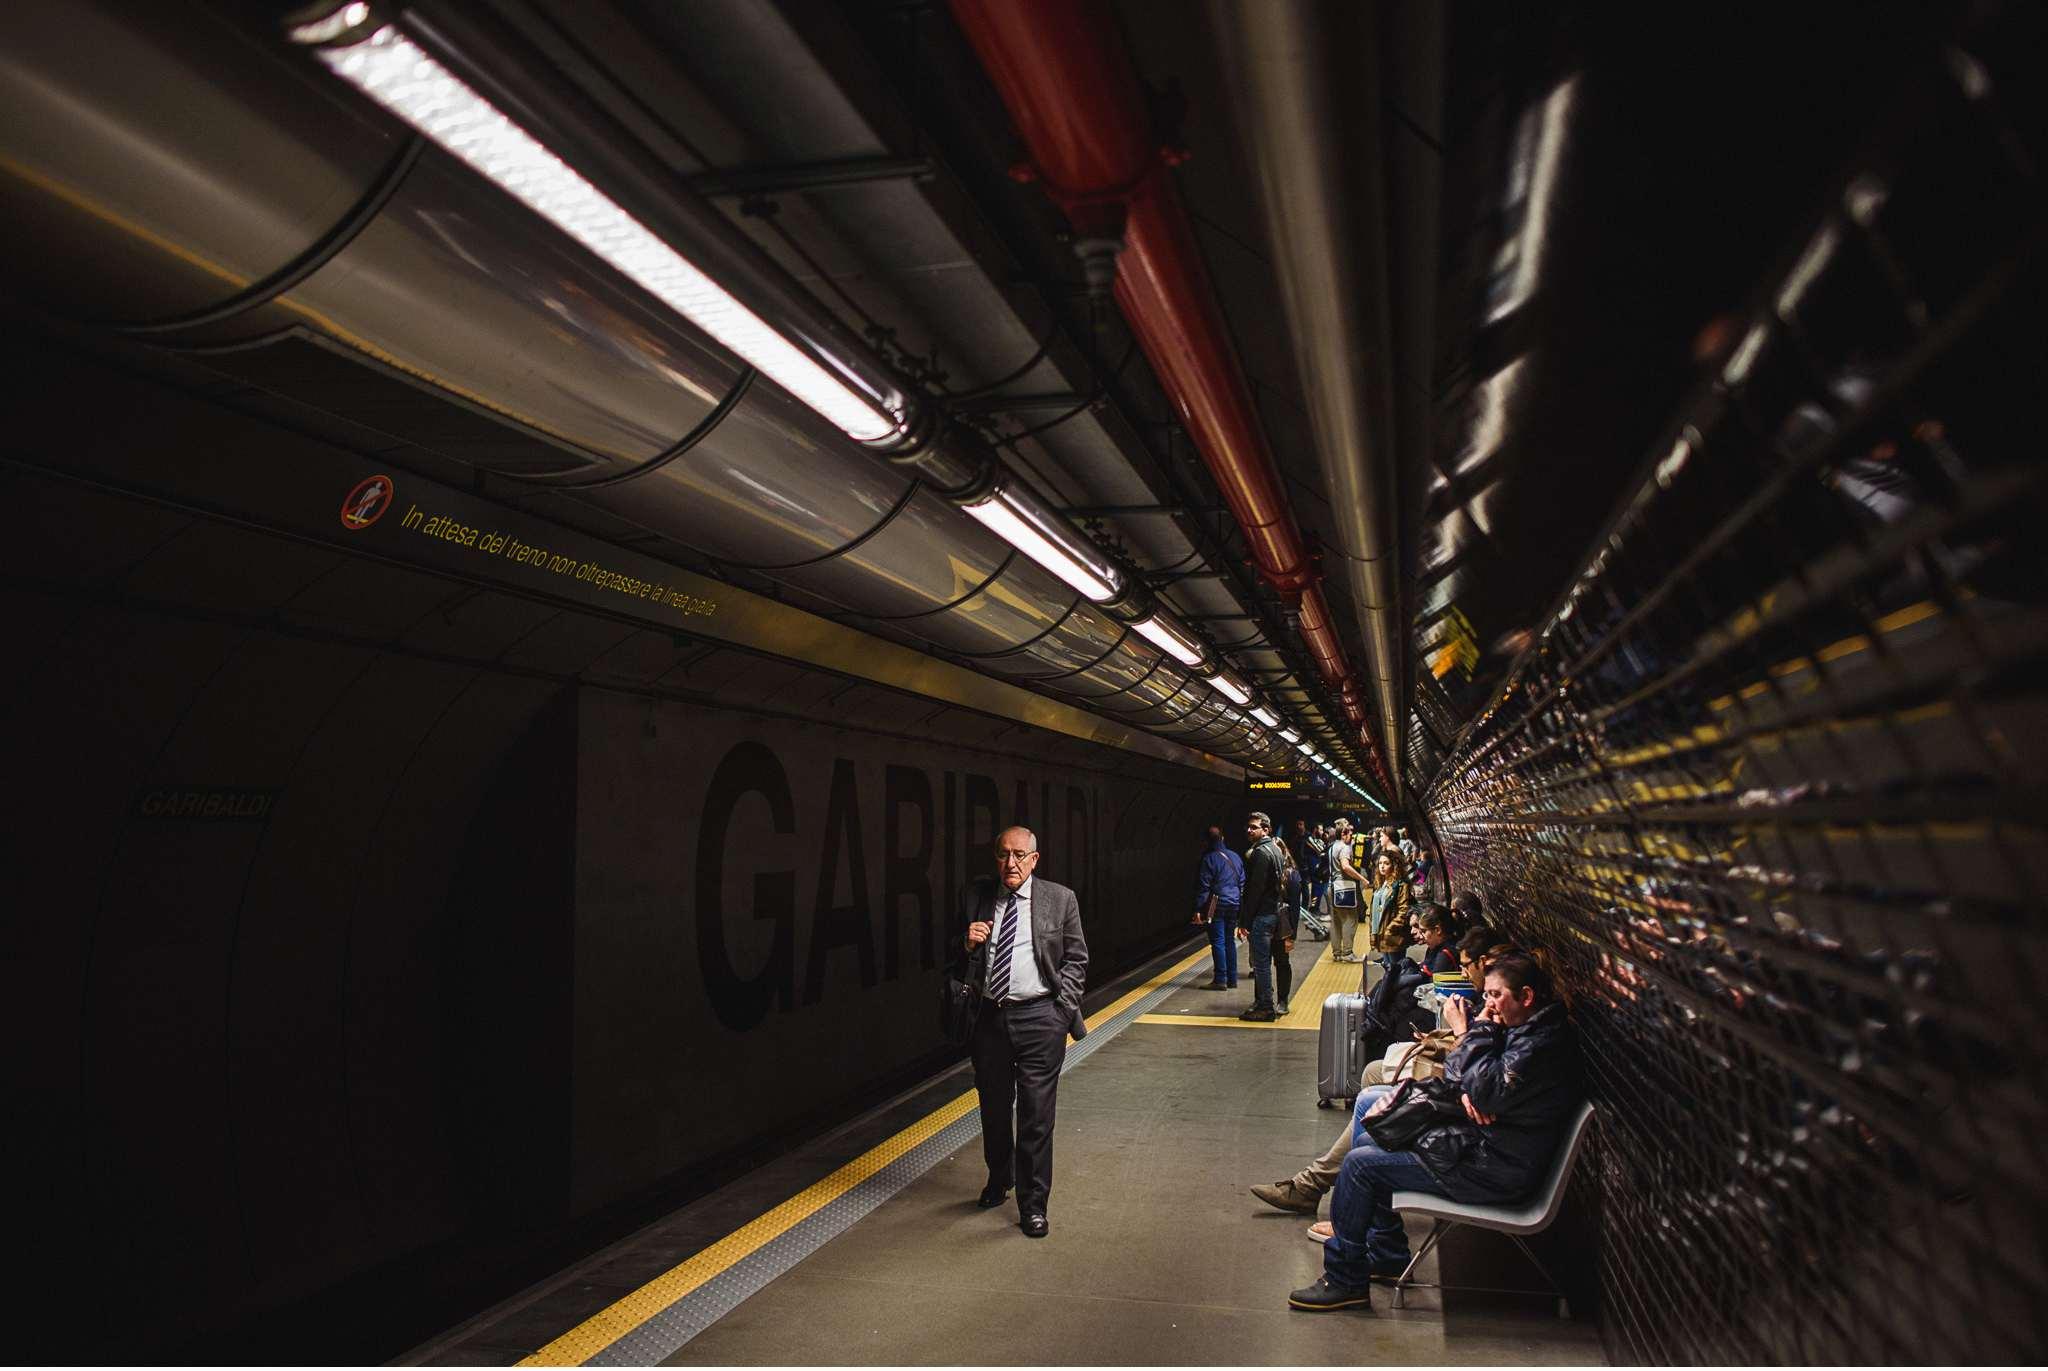 Interrail Reise - Italien Neapel - Geschichten von unterwegs - Foto Daniel Kempf-Seifried-110